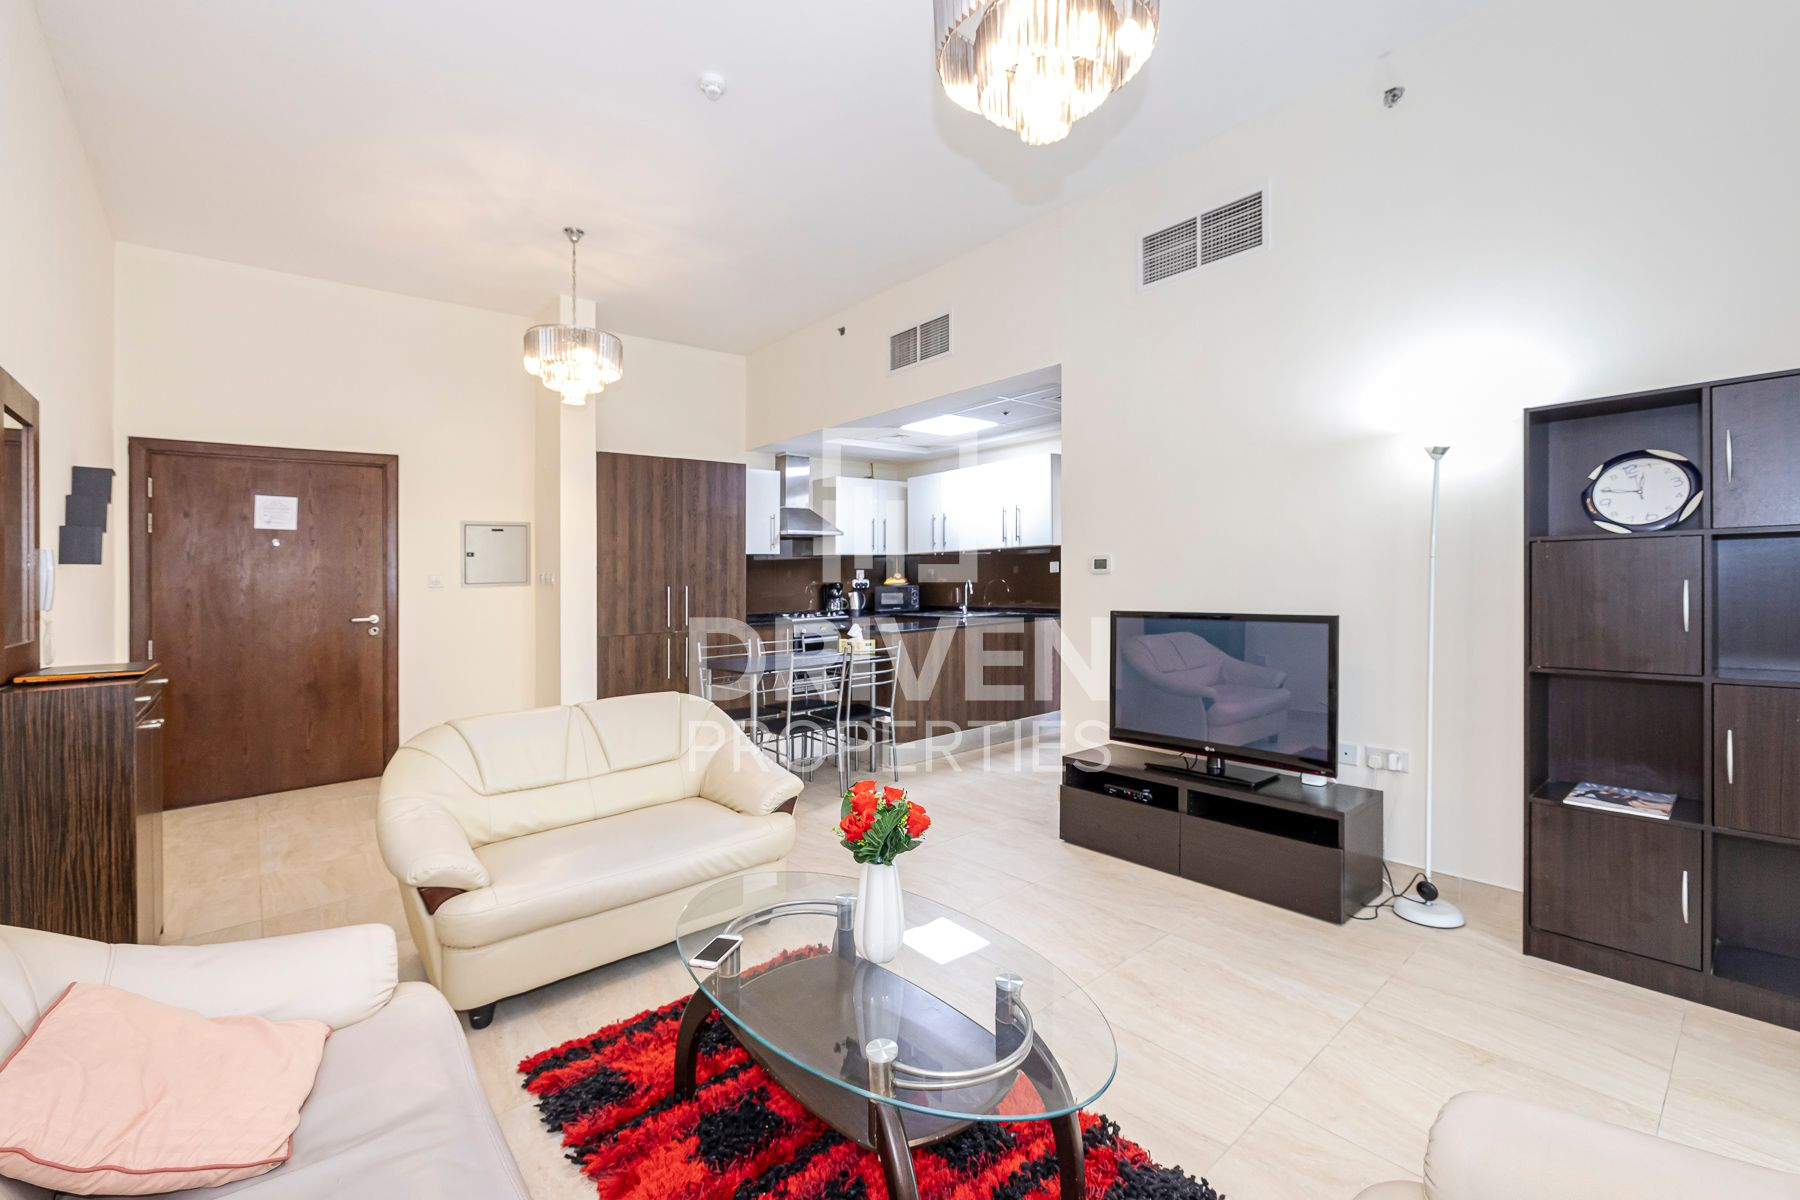 1,012 قدم مربع  شقة - للبيع - الفرجان